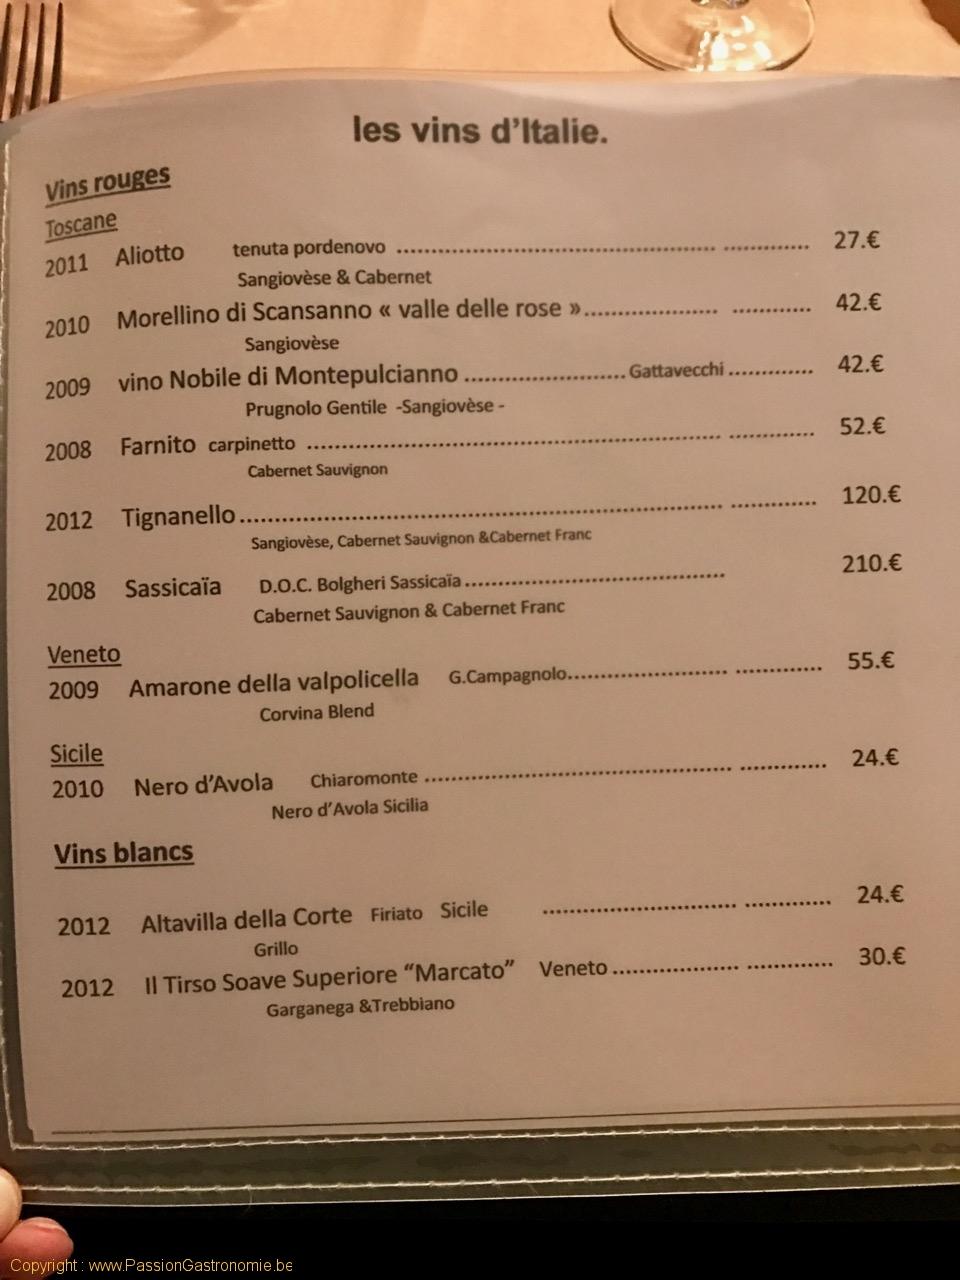 Restaurant Au Provencal - Les vins d'Italie